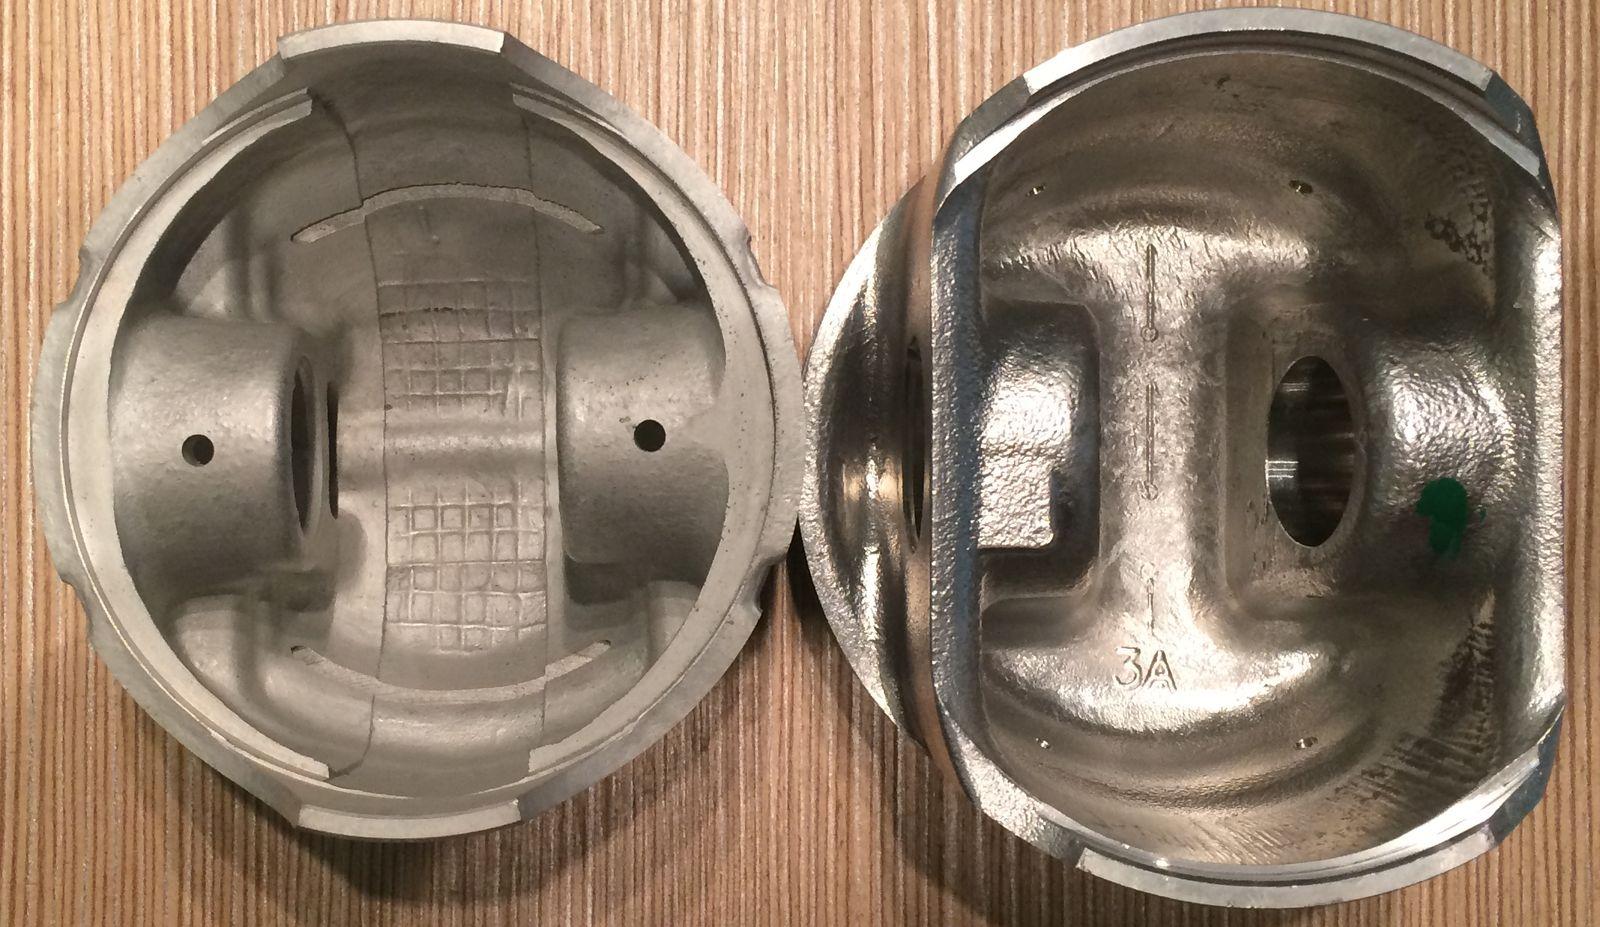 A hasításos technikával ellentétben a fúrásos módszer nem gyengíti meg a dugattyú szoknyáját. Akár még a szoknya leszakadása előtt is megejthető a dugattyúk cseréje